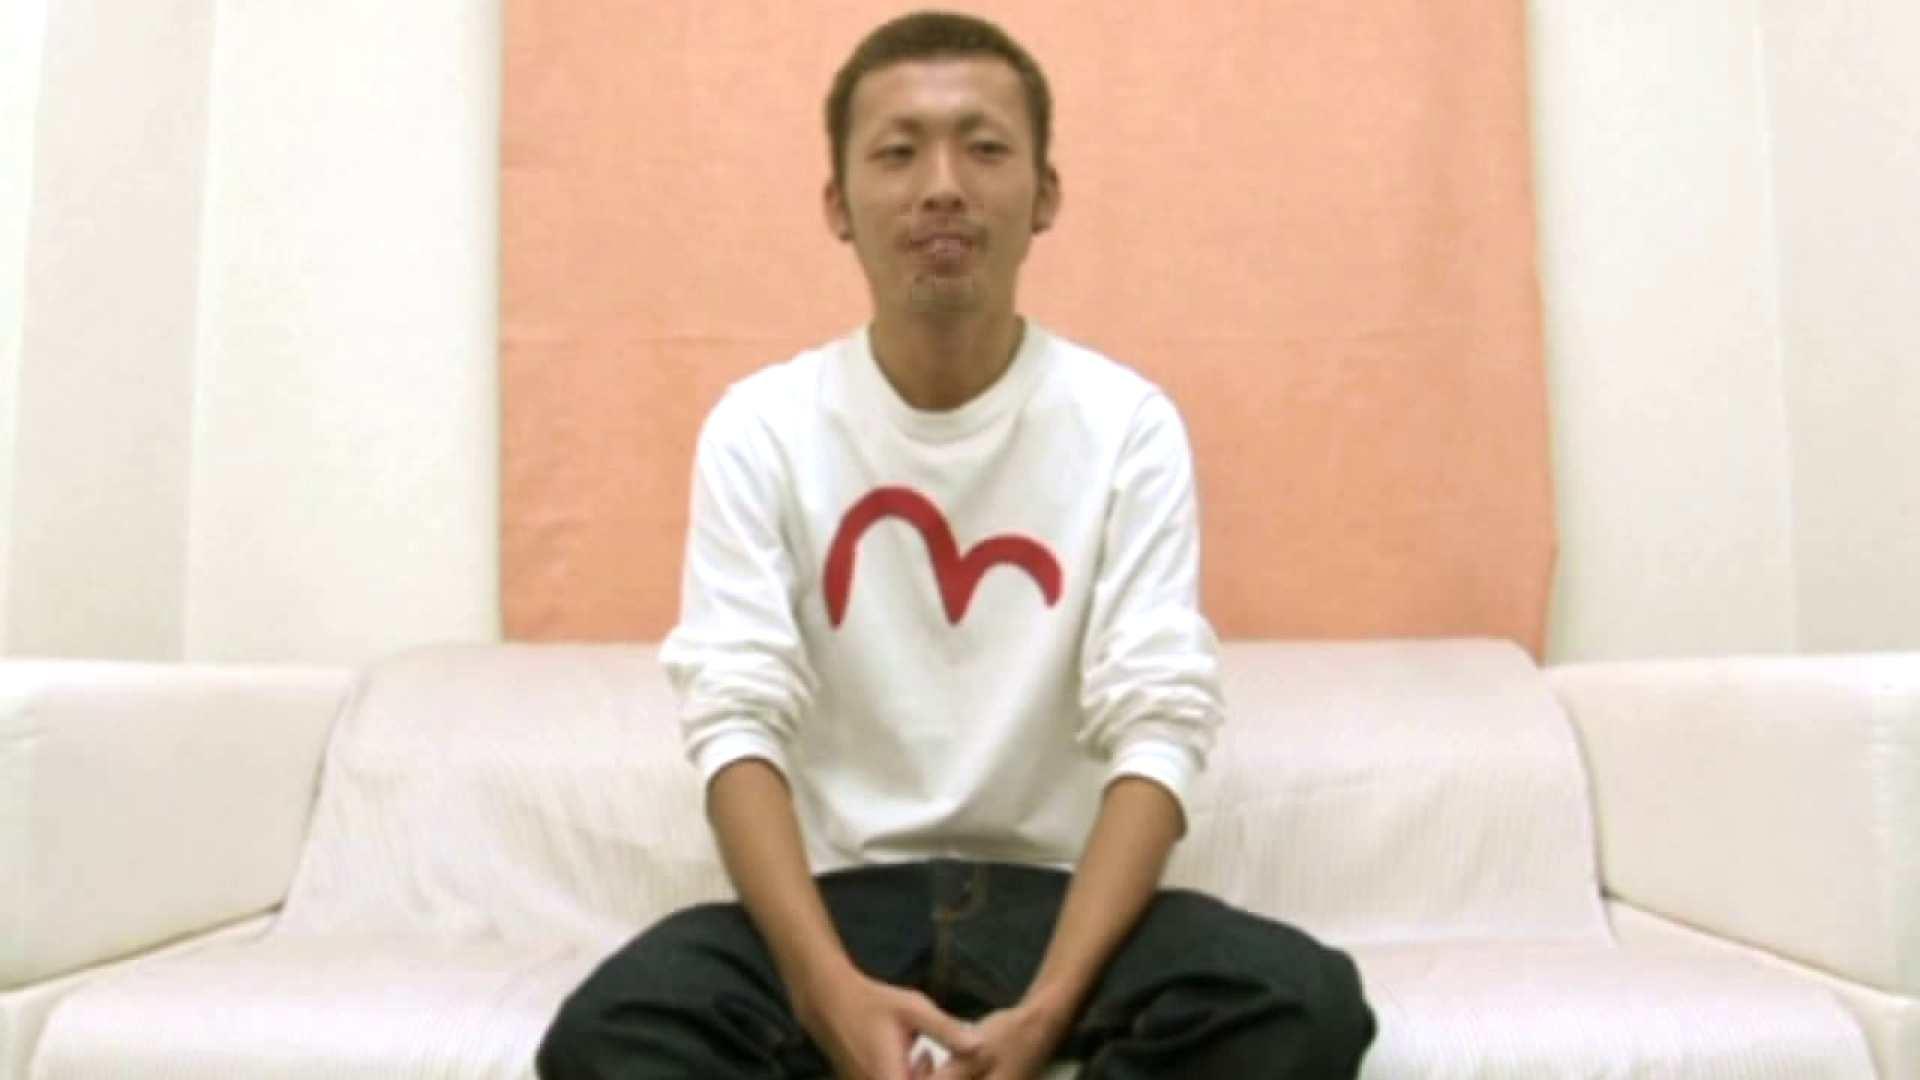 ノンケ!自慰スタジオ No.11 自慰  61pic 18